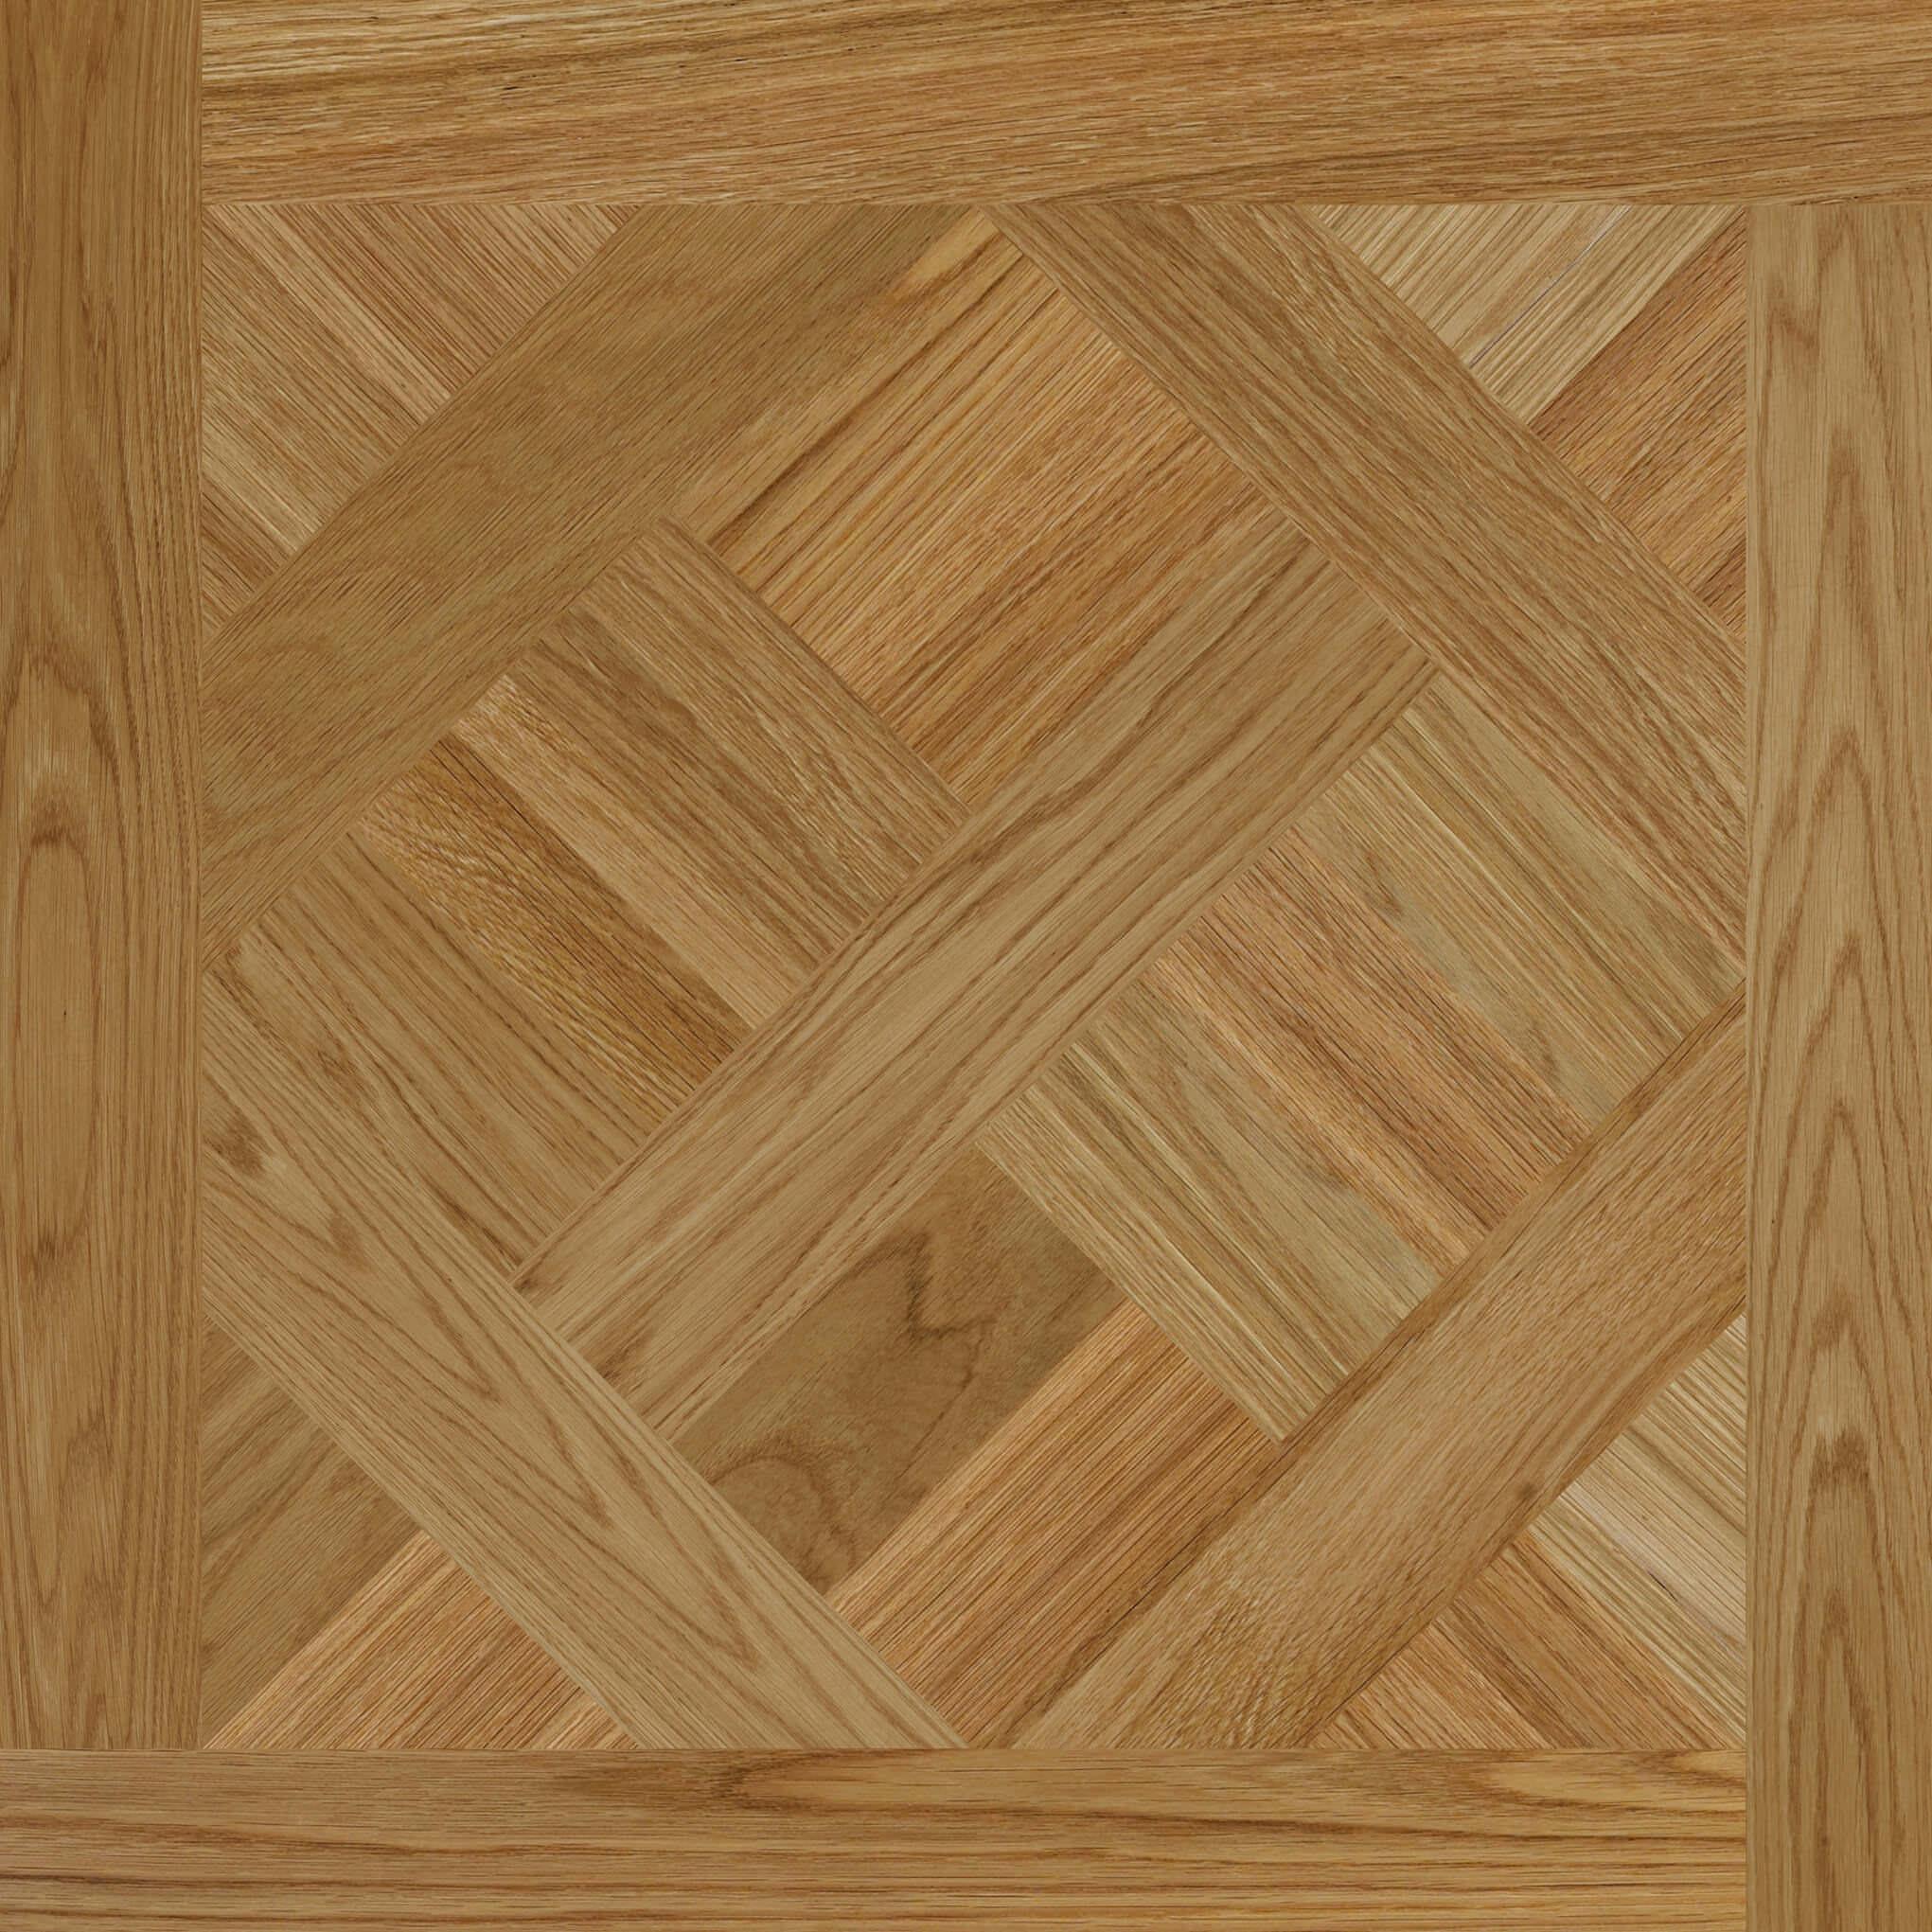 oak exquisite versailles panel 1 parquet panel gjp flooring brighton sussex. Black Bedroom Furniture Sets. Home Design Ideas